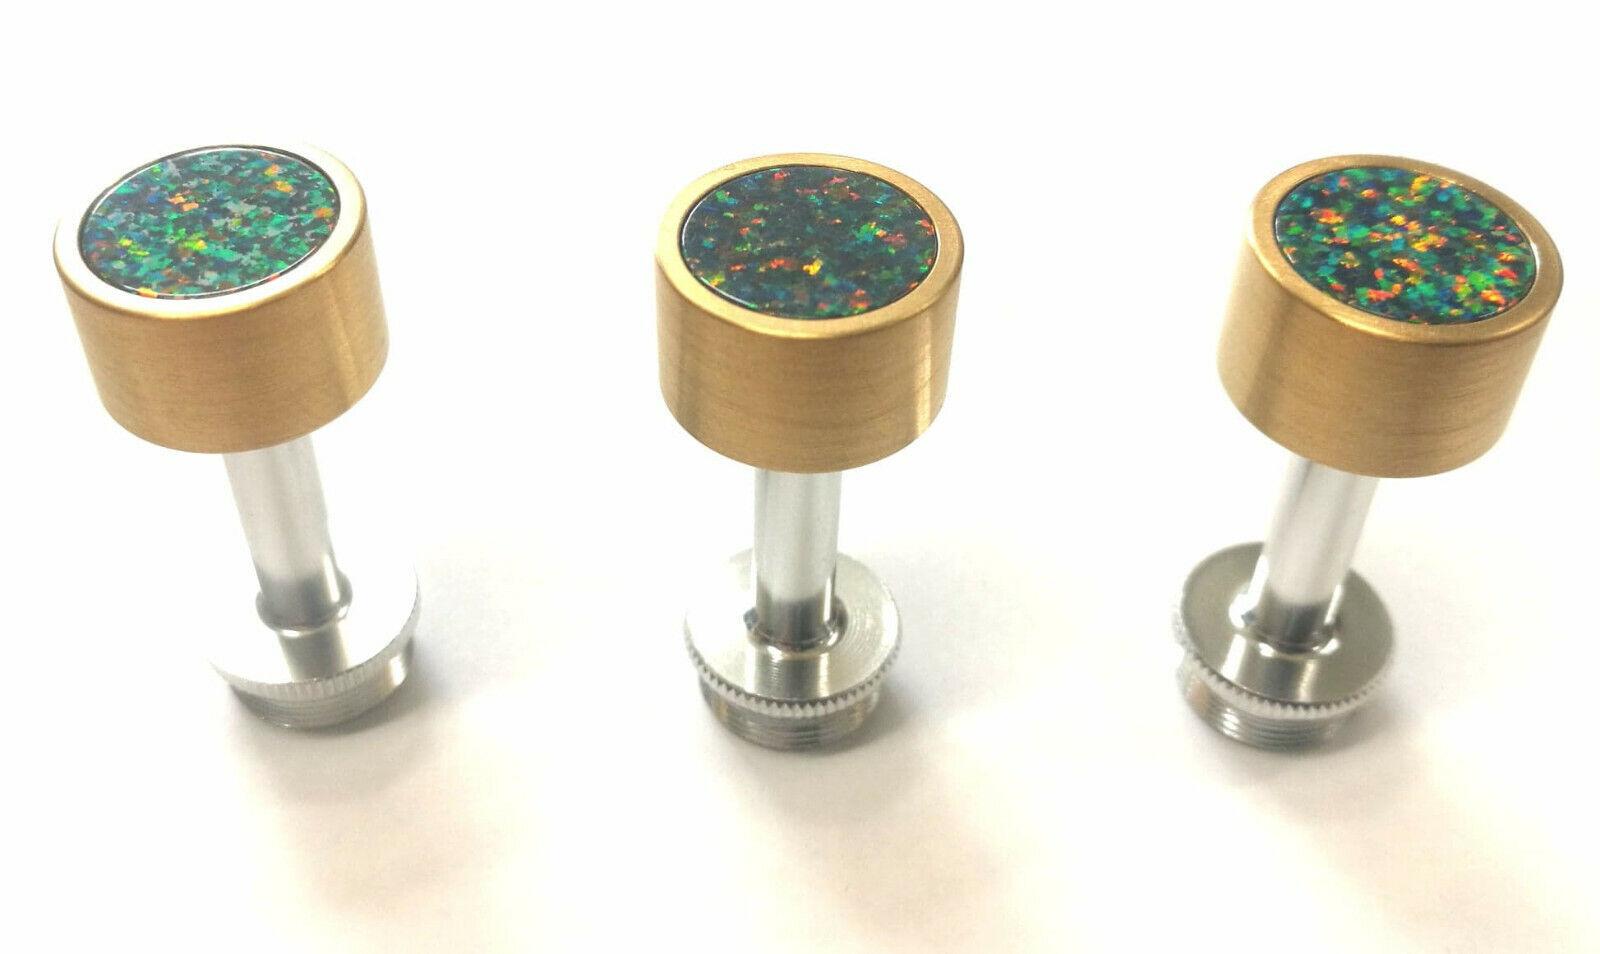 Satin Gold Trompete Finger Knöpfe mit Grün-Orange Synthetisch Opal für Besson